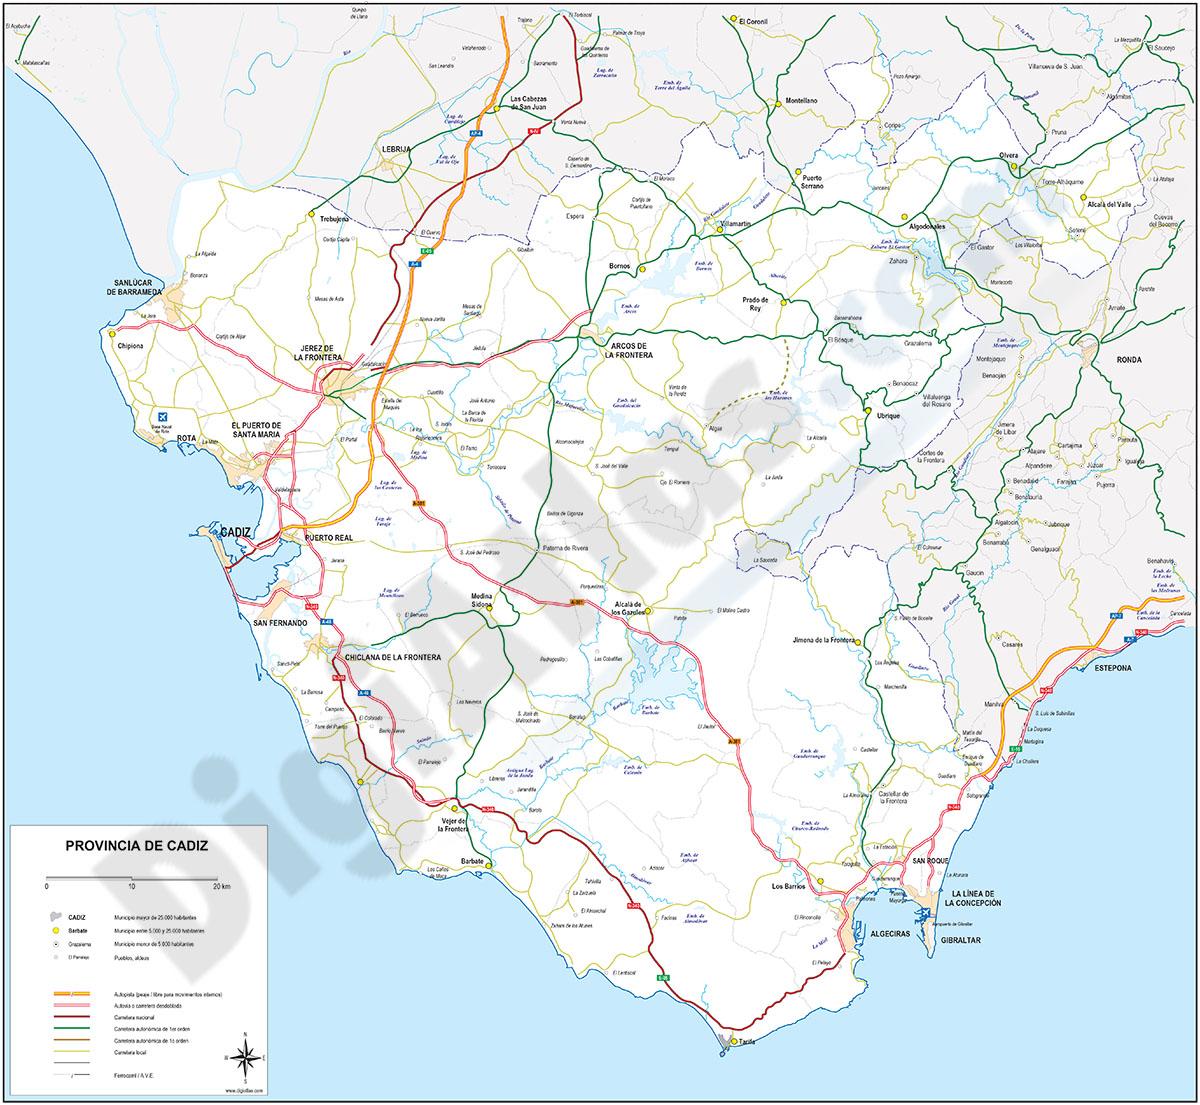 Mapa de la provincia de Cadiz